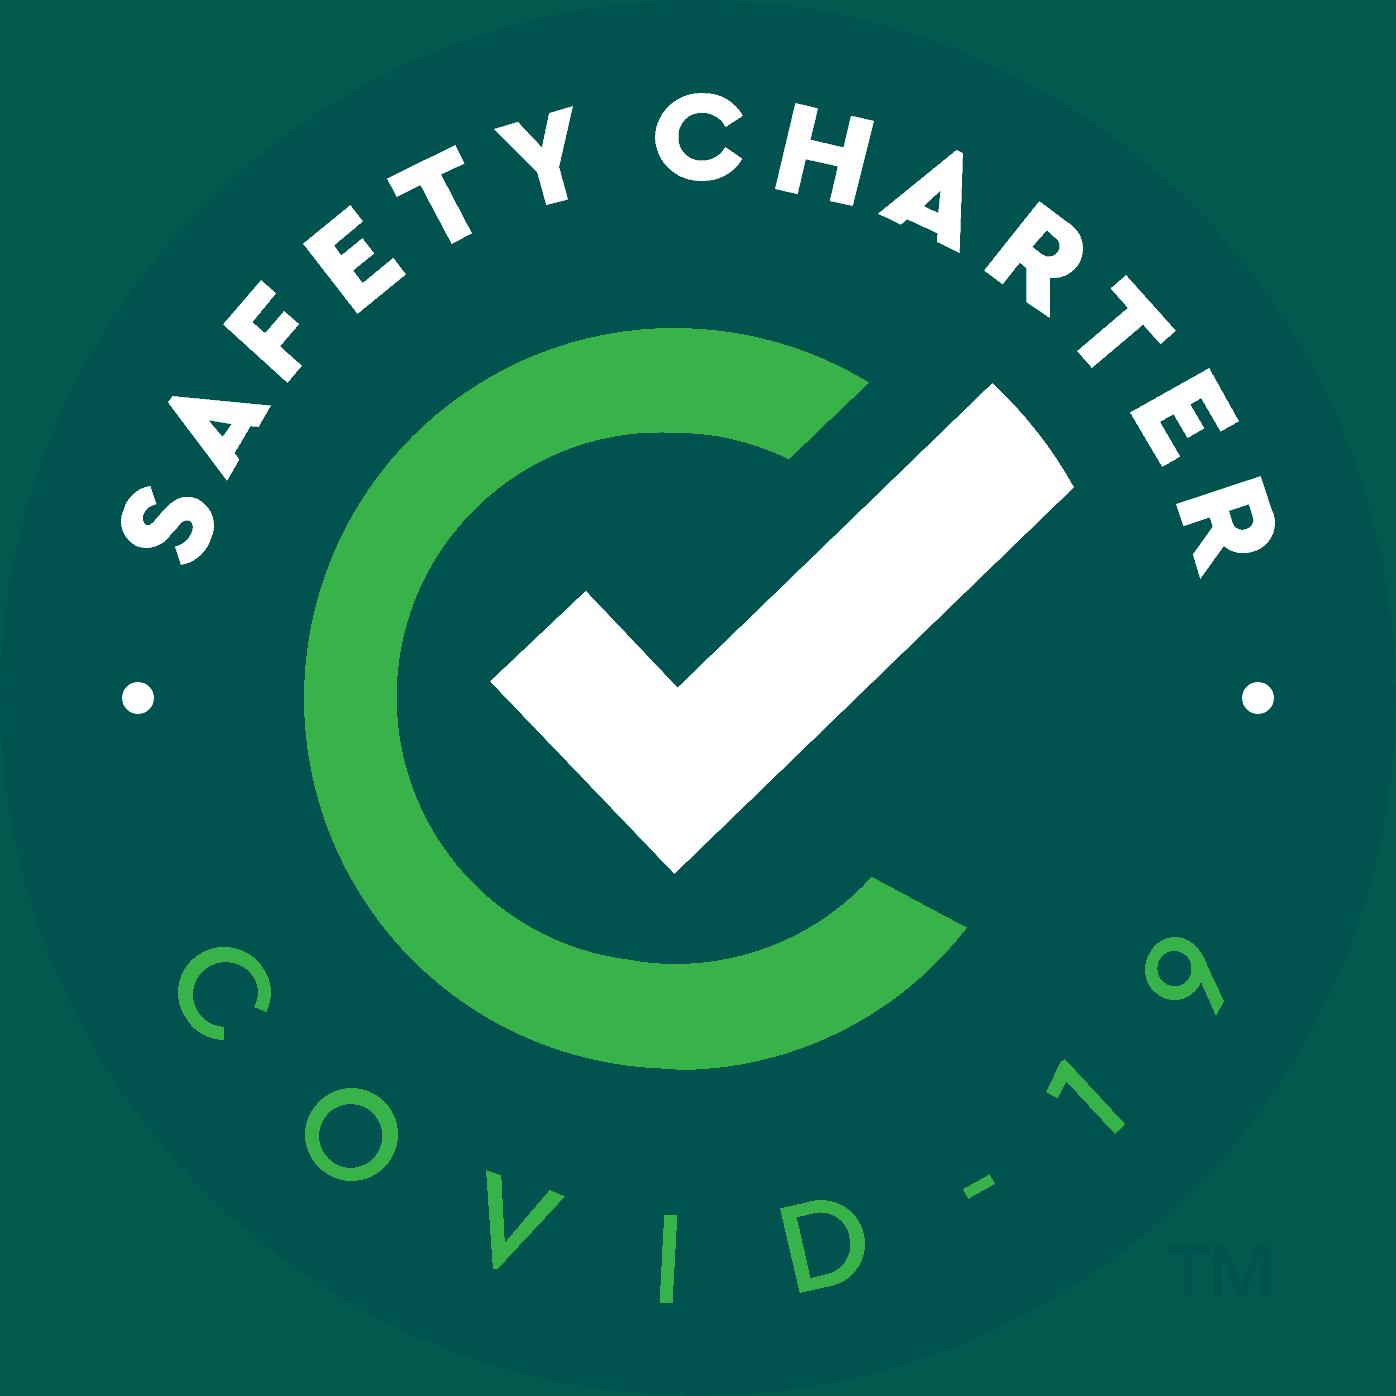 Kerry GAA - safety charter logo